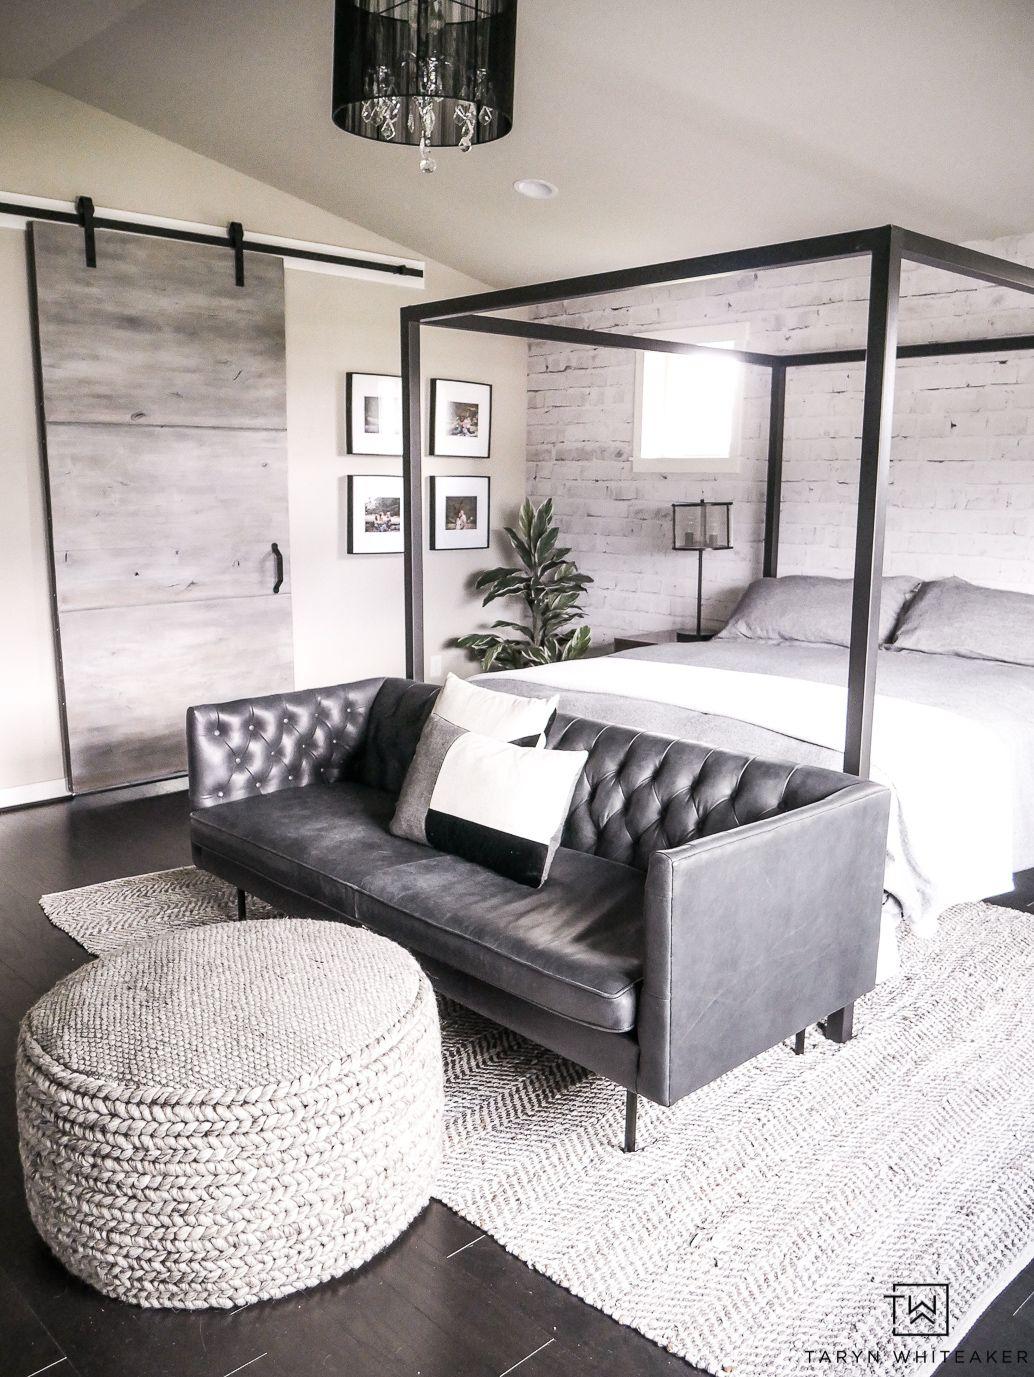 Master Bedroom Seating Area - Taryn Whiteaker in 5  Bedroom